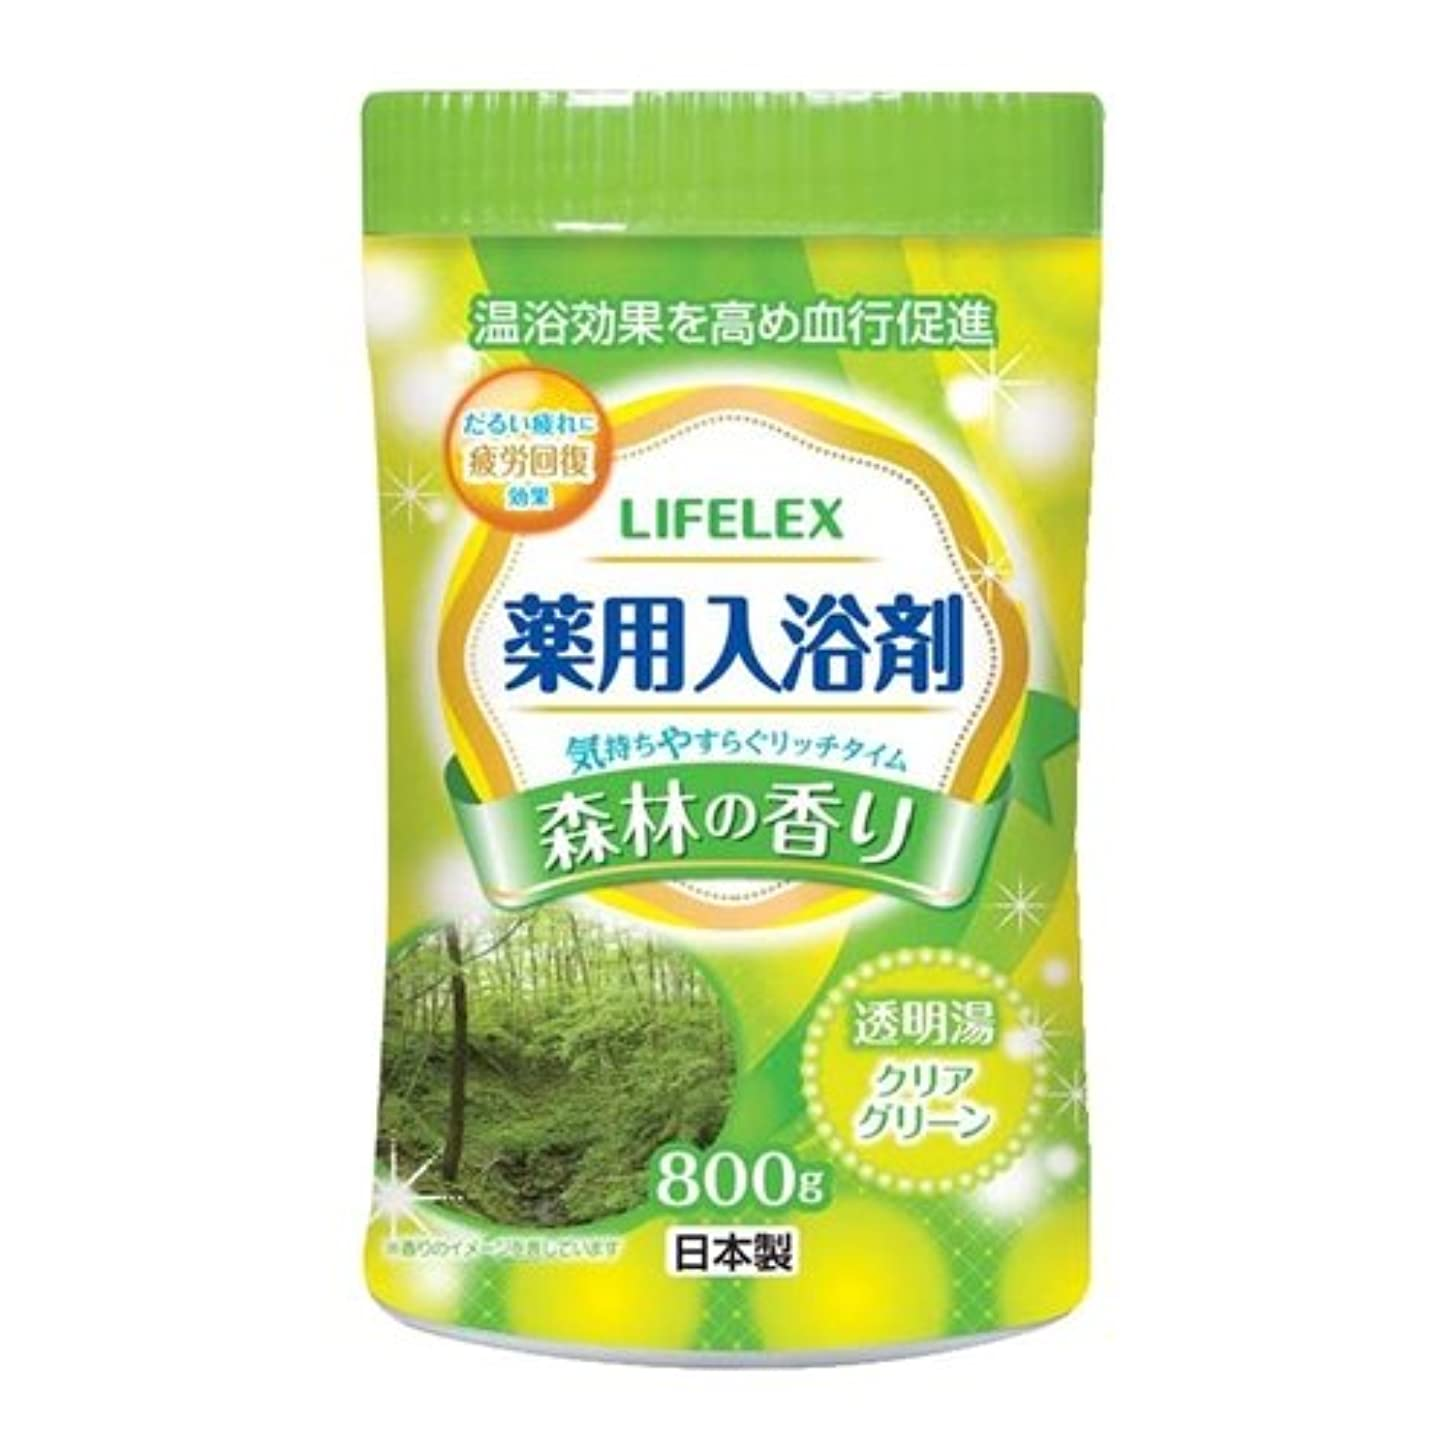 ジョセフバンクス爆発する優勢コーナンオリジナル 薬用入浴剤 森林の香り 800g